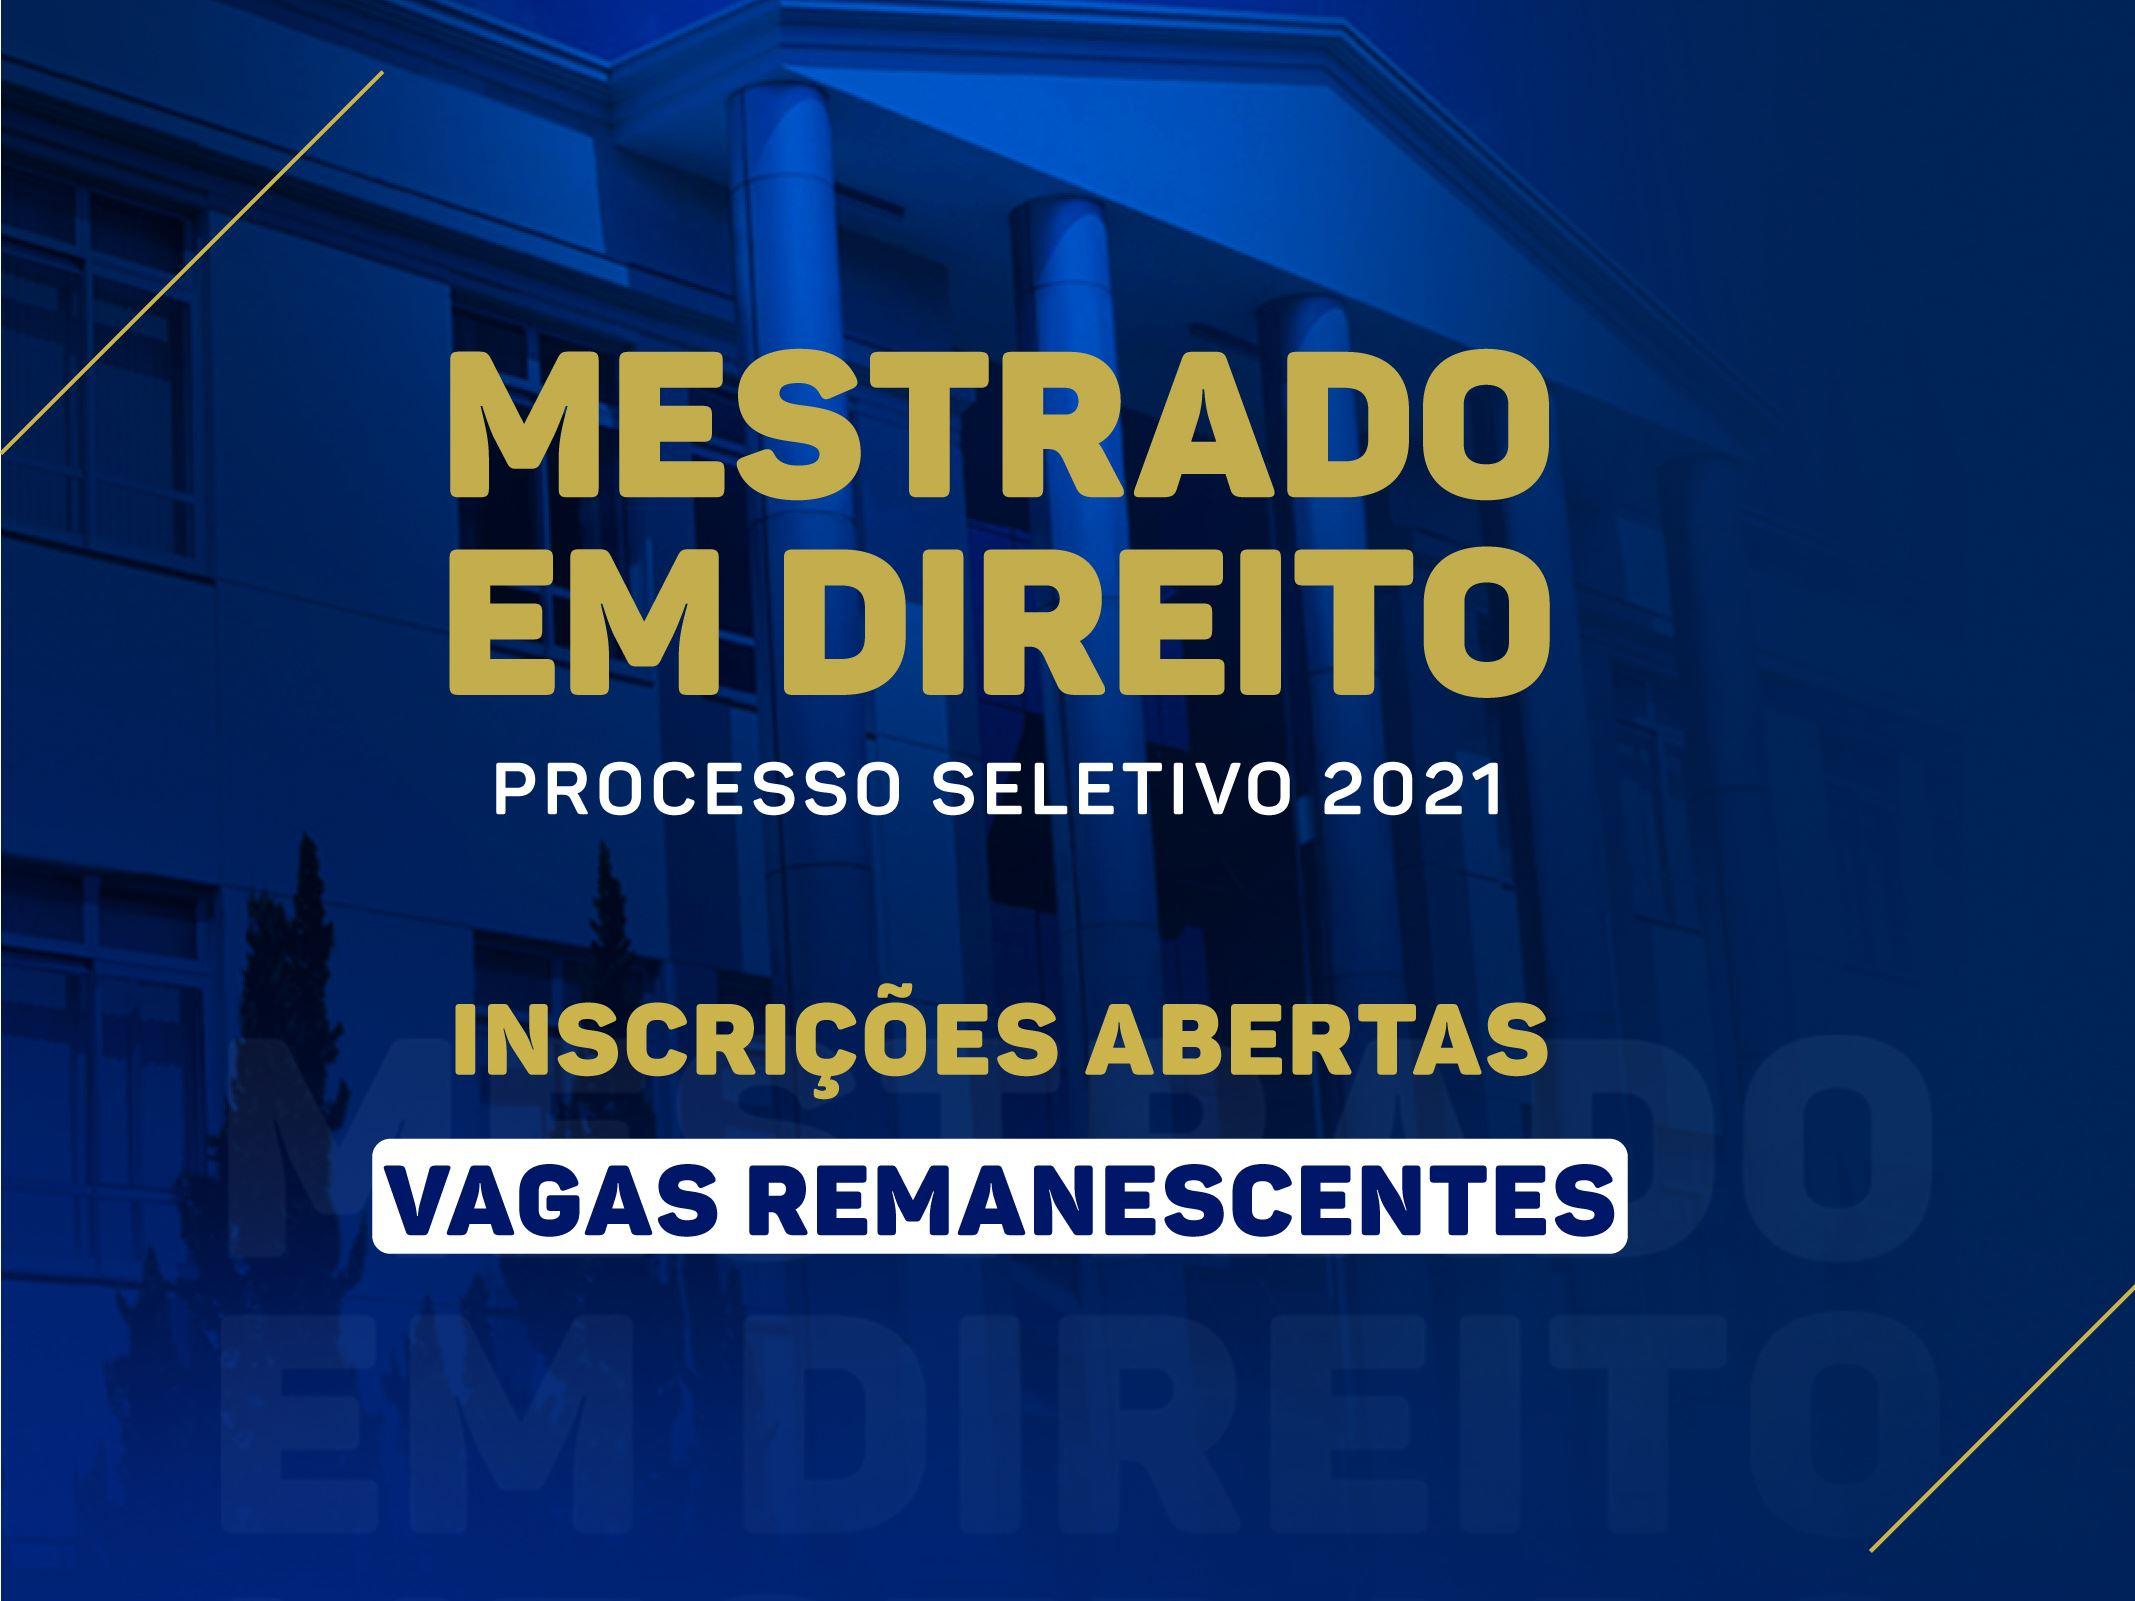 Noticia 6621 - FDSM ABRE INSCRIÇÕES PARA VAGAS REMANESCENTES DO MESTRADO